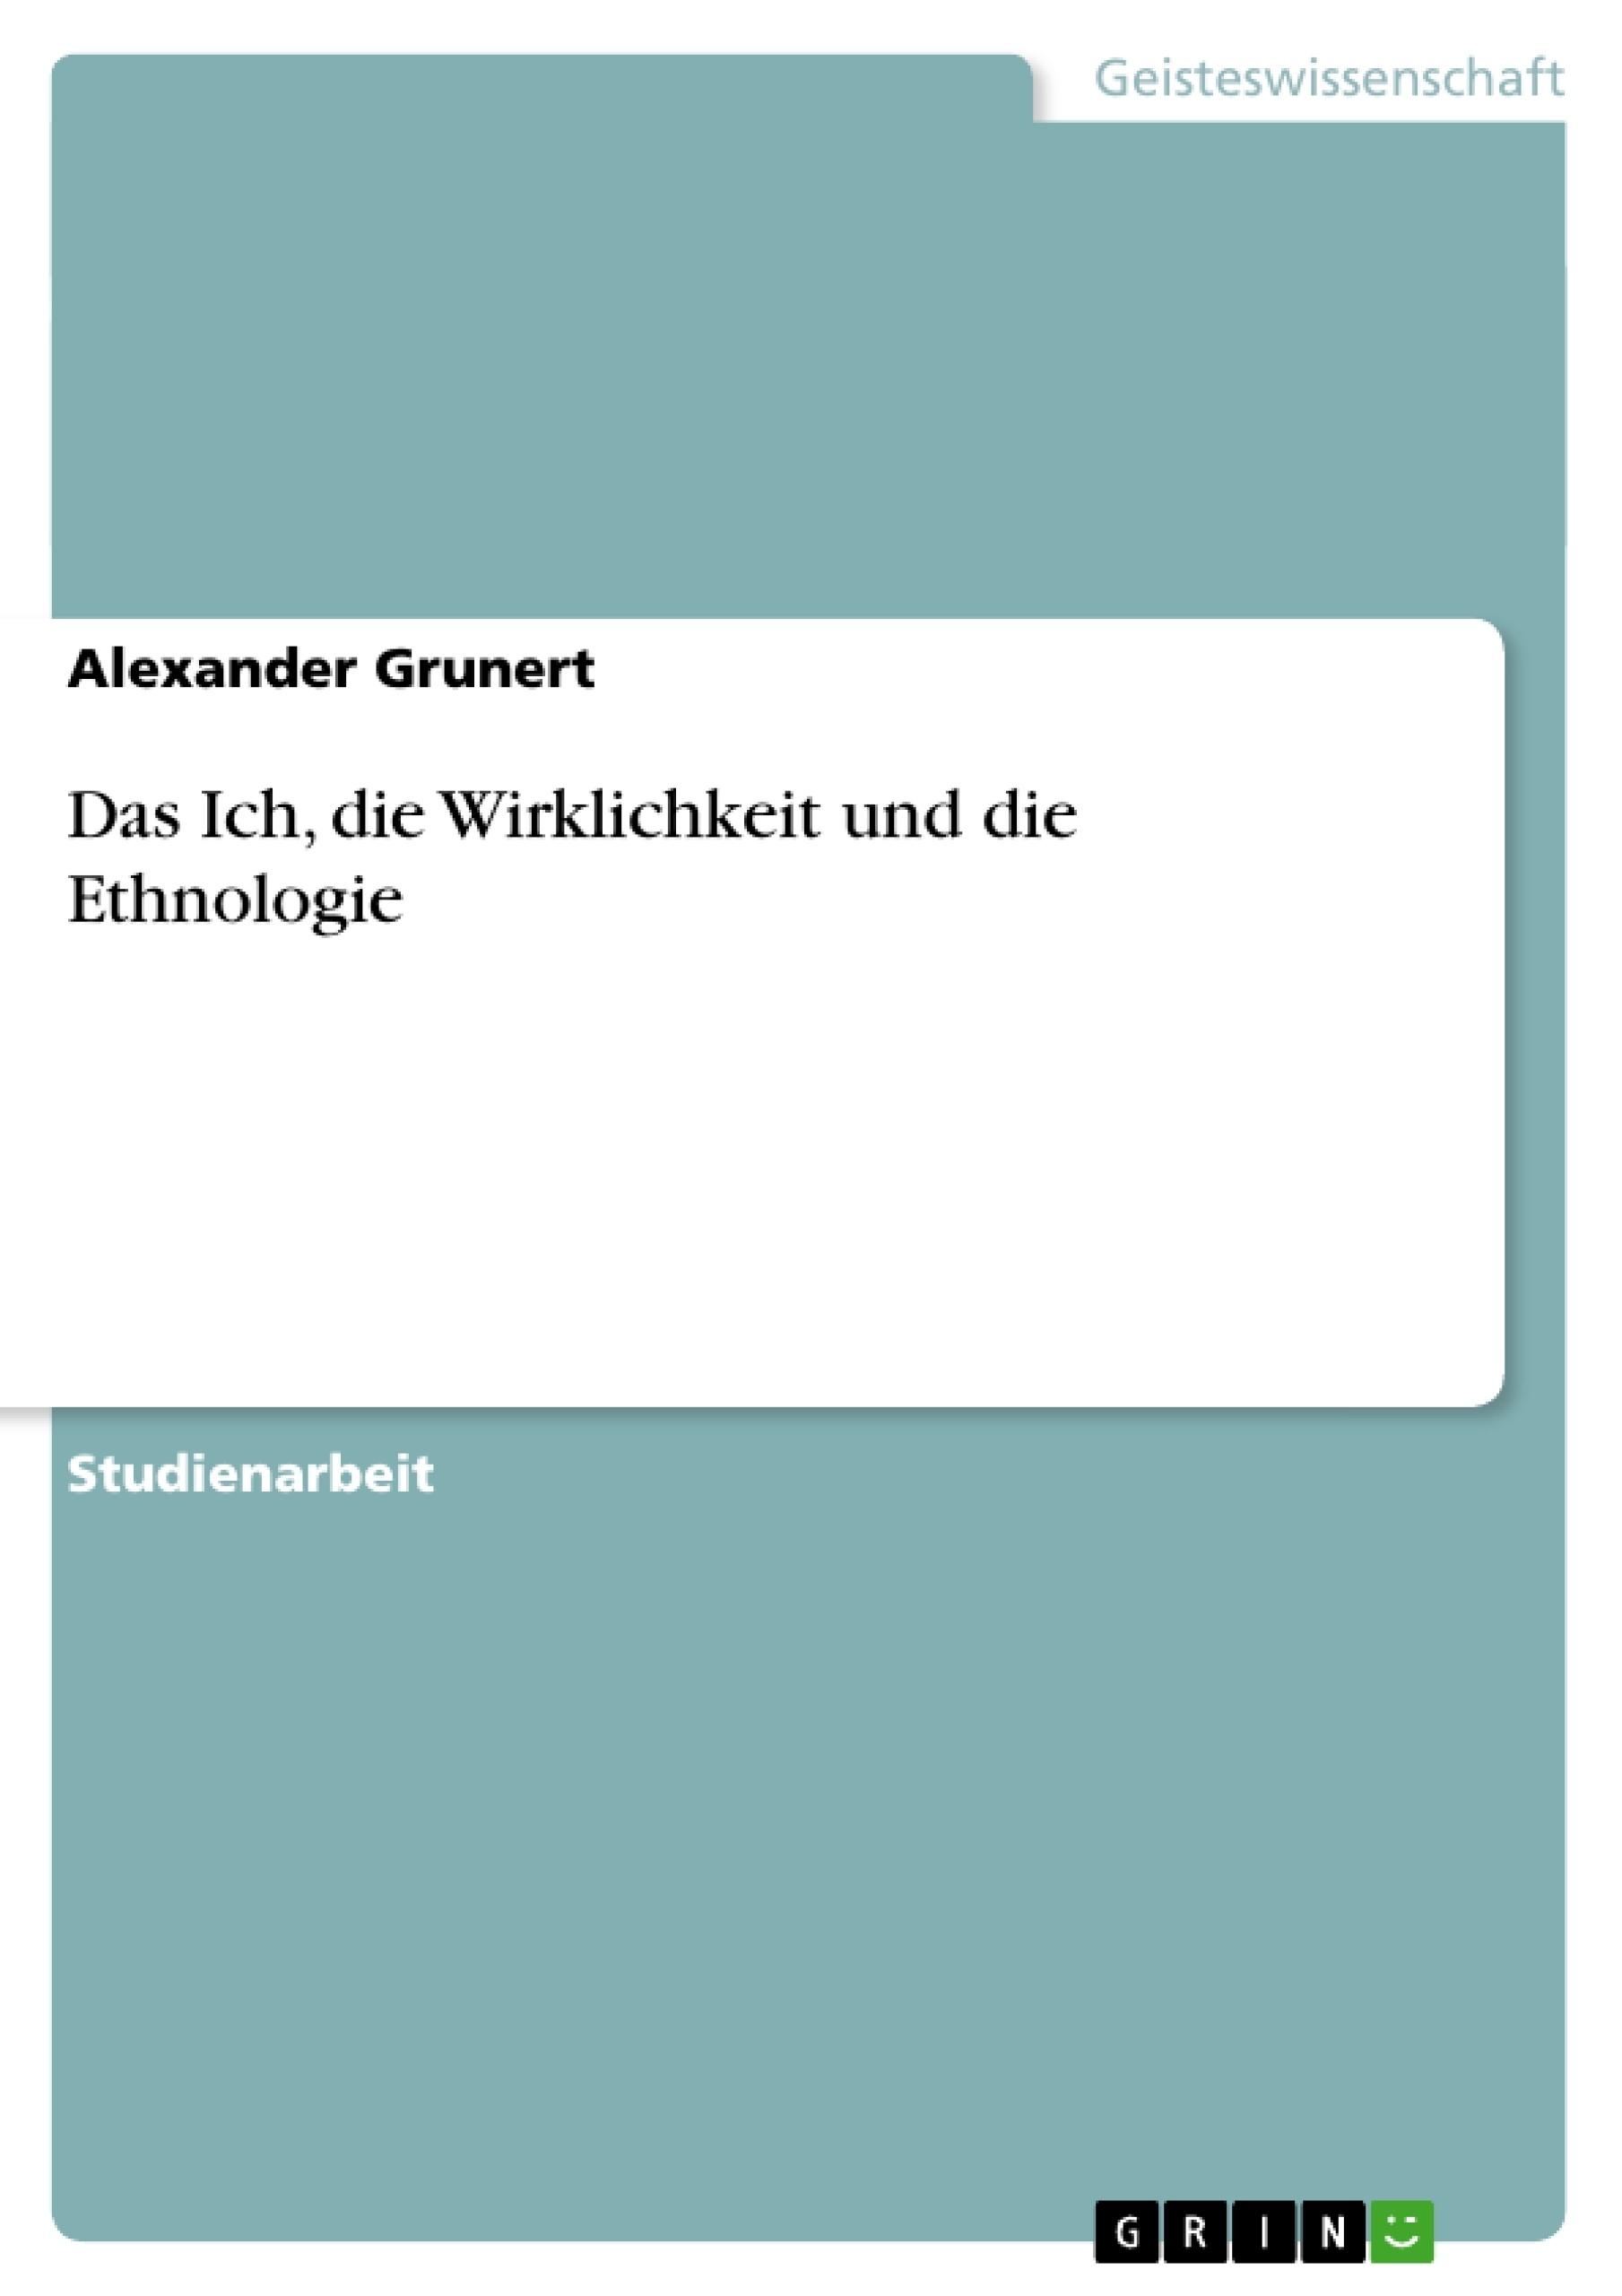 Titel: Das Ich, die Wirklichkeit und die Ethnologie